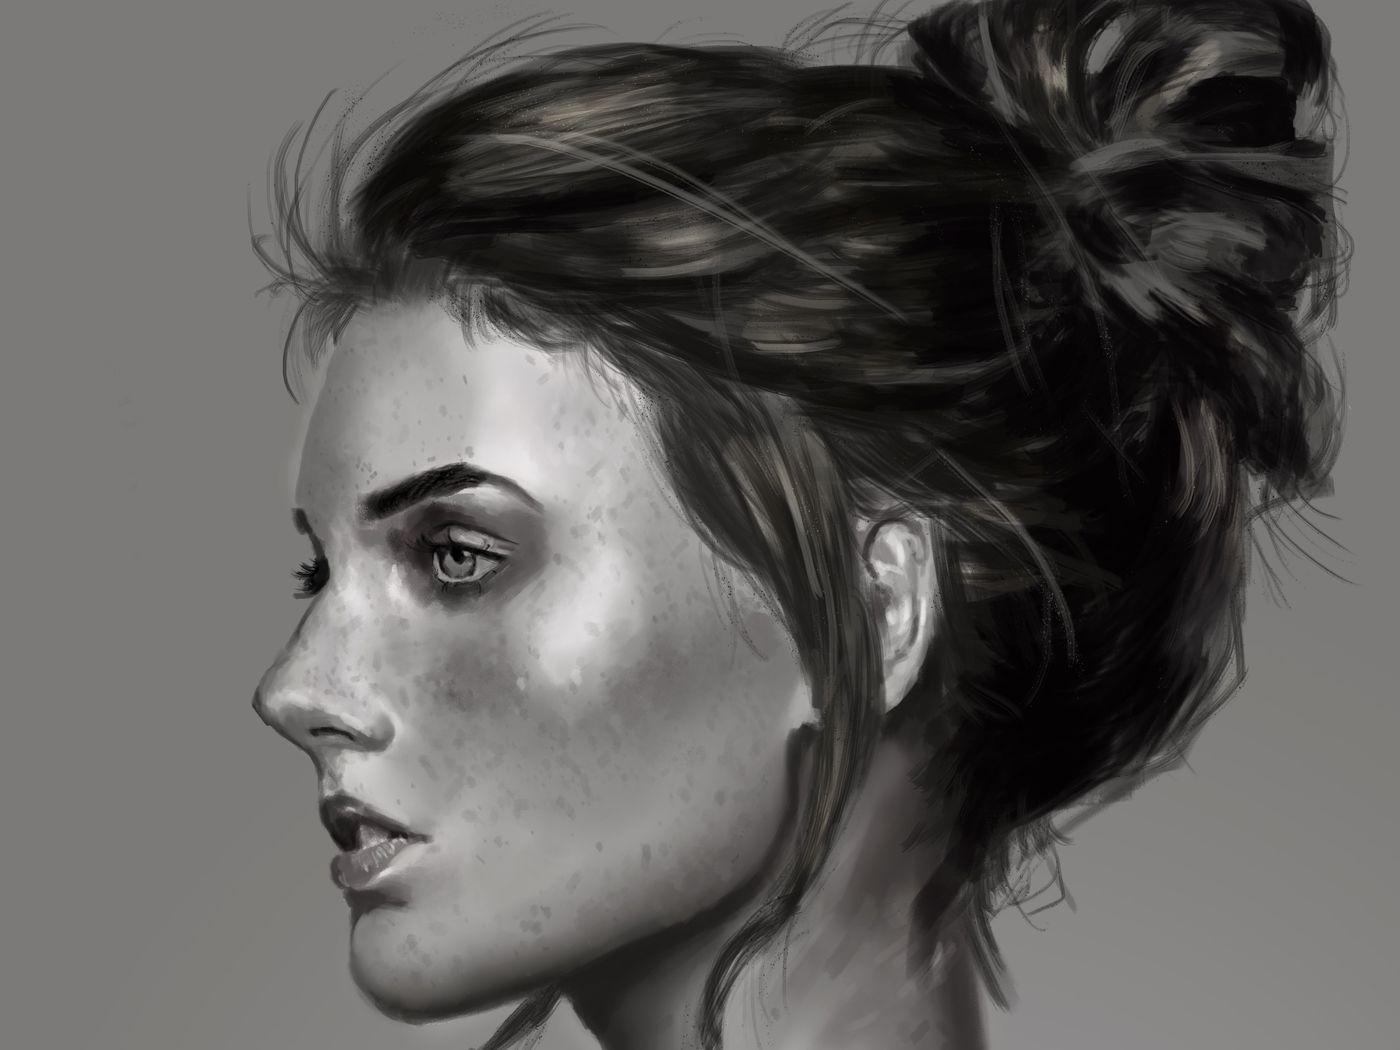 Concept Art Entry